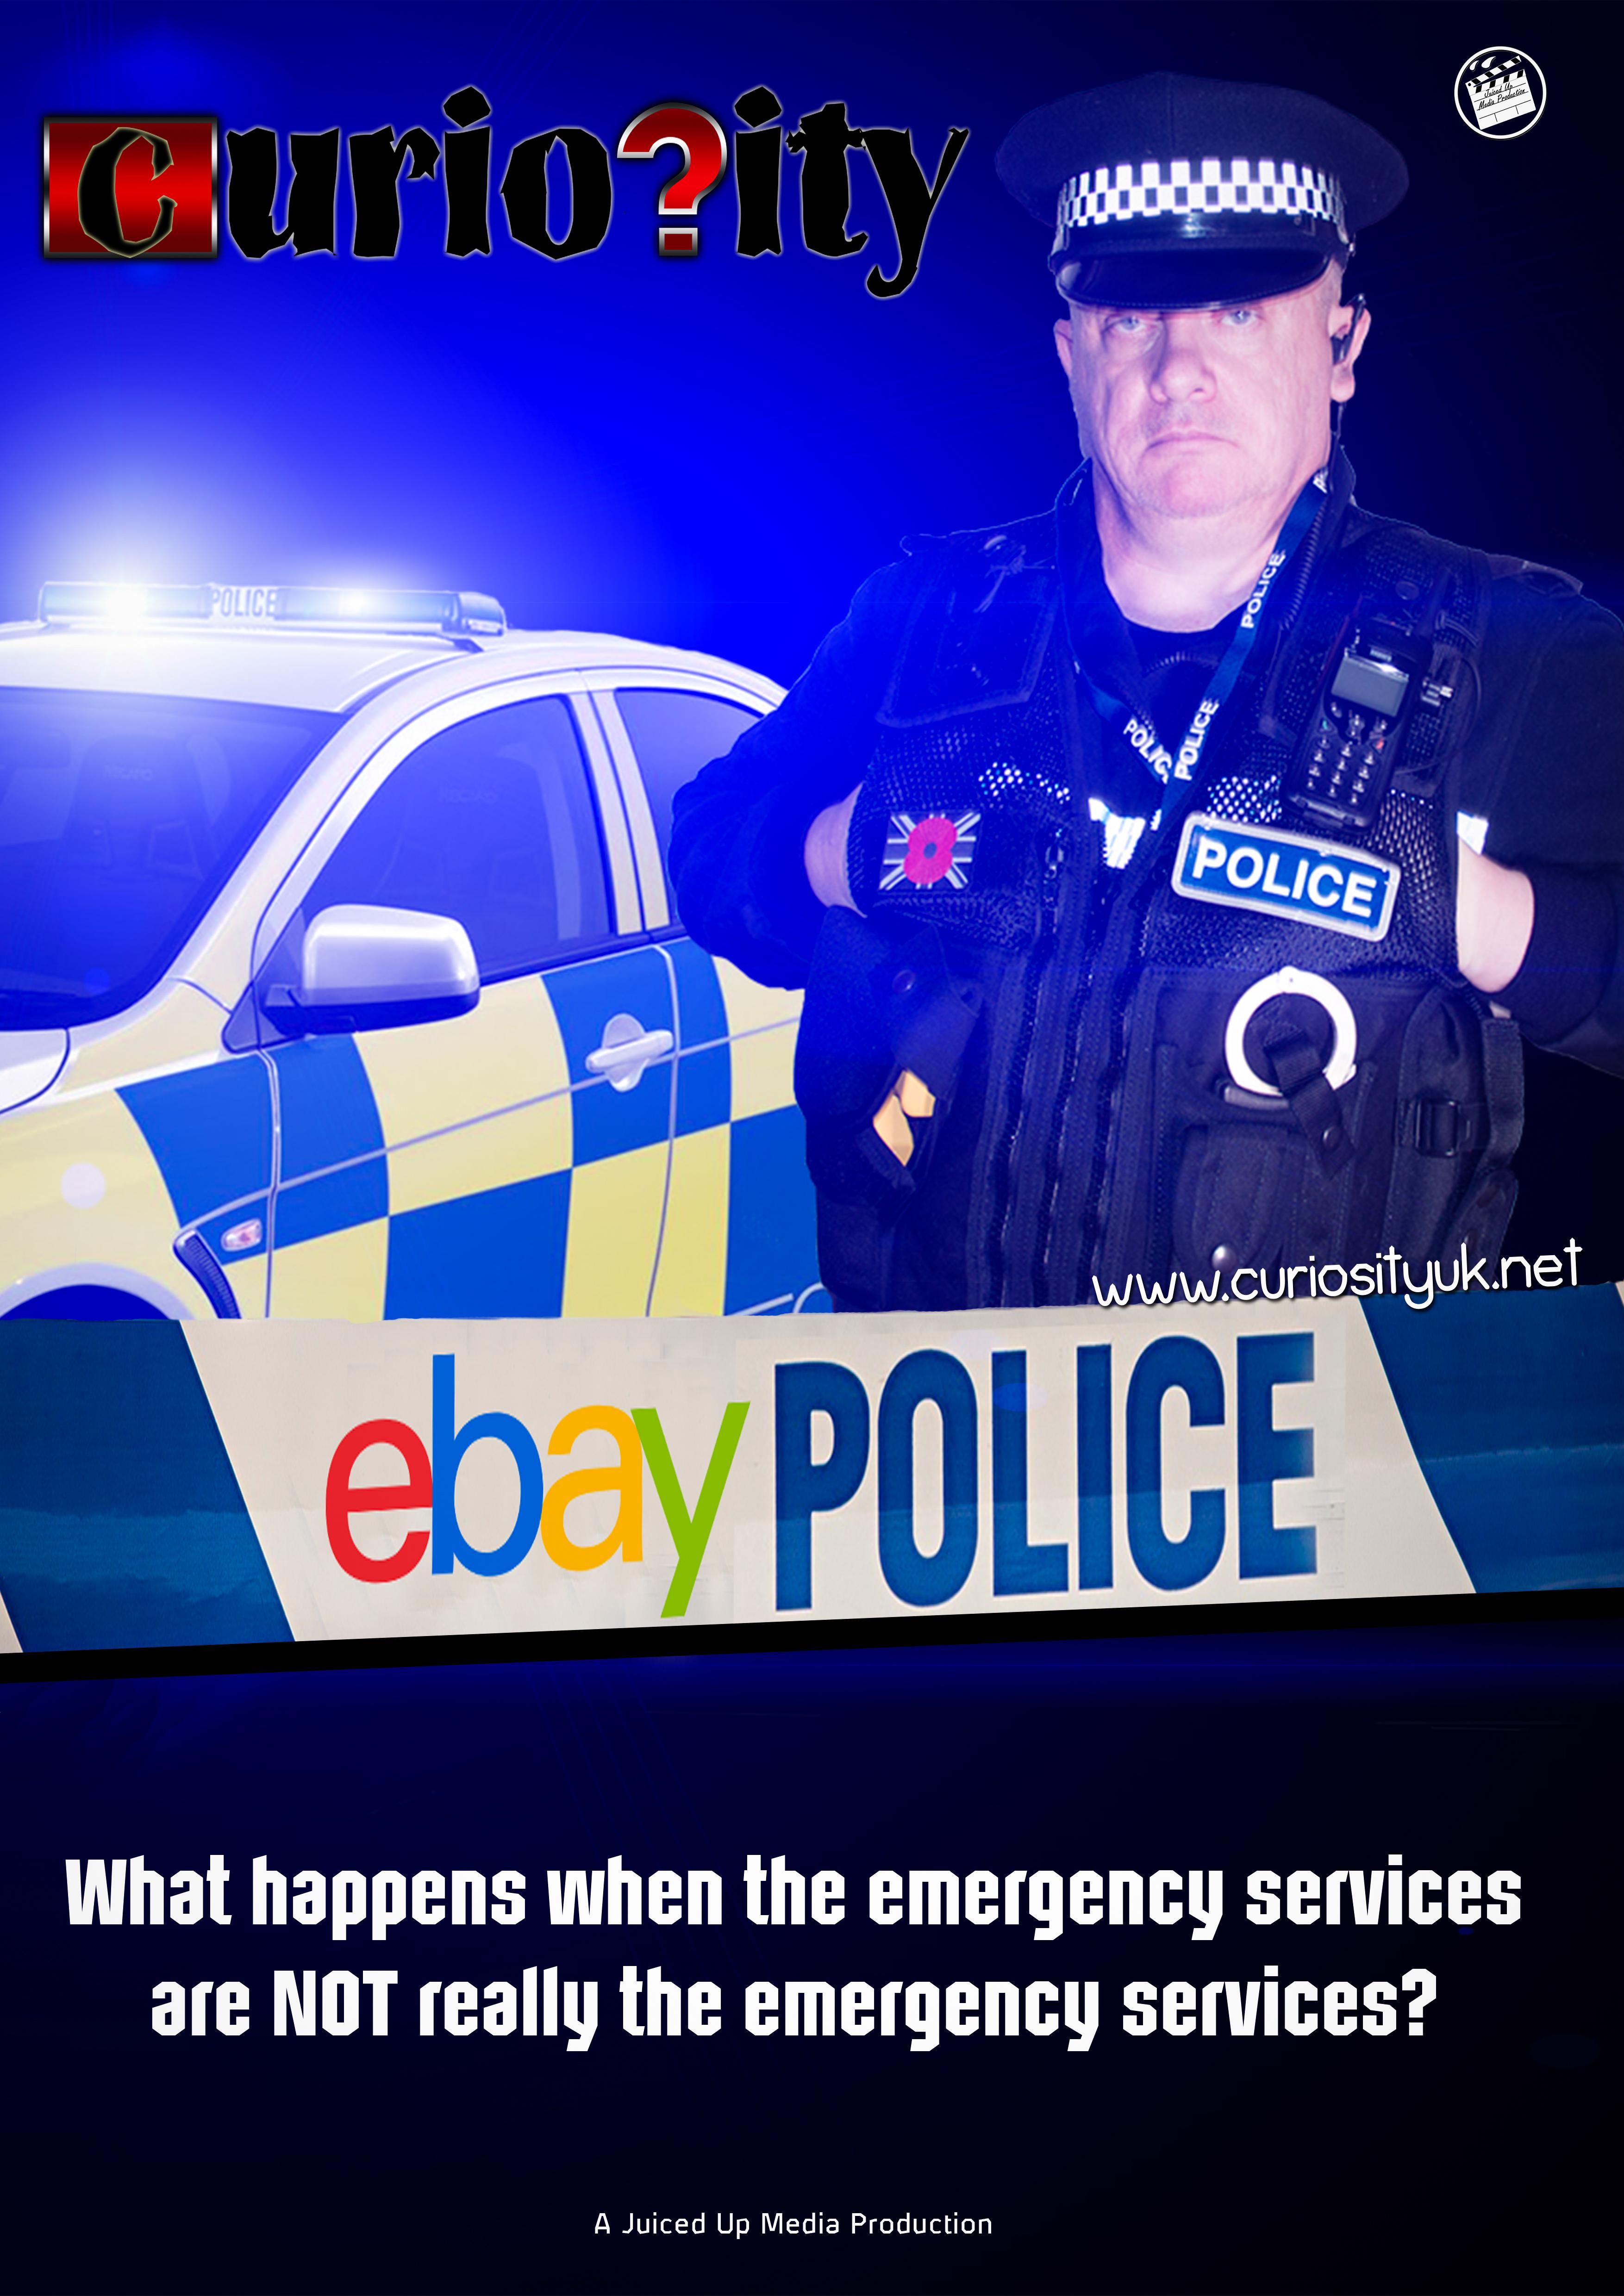 Curiosity - Ebay Police